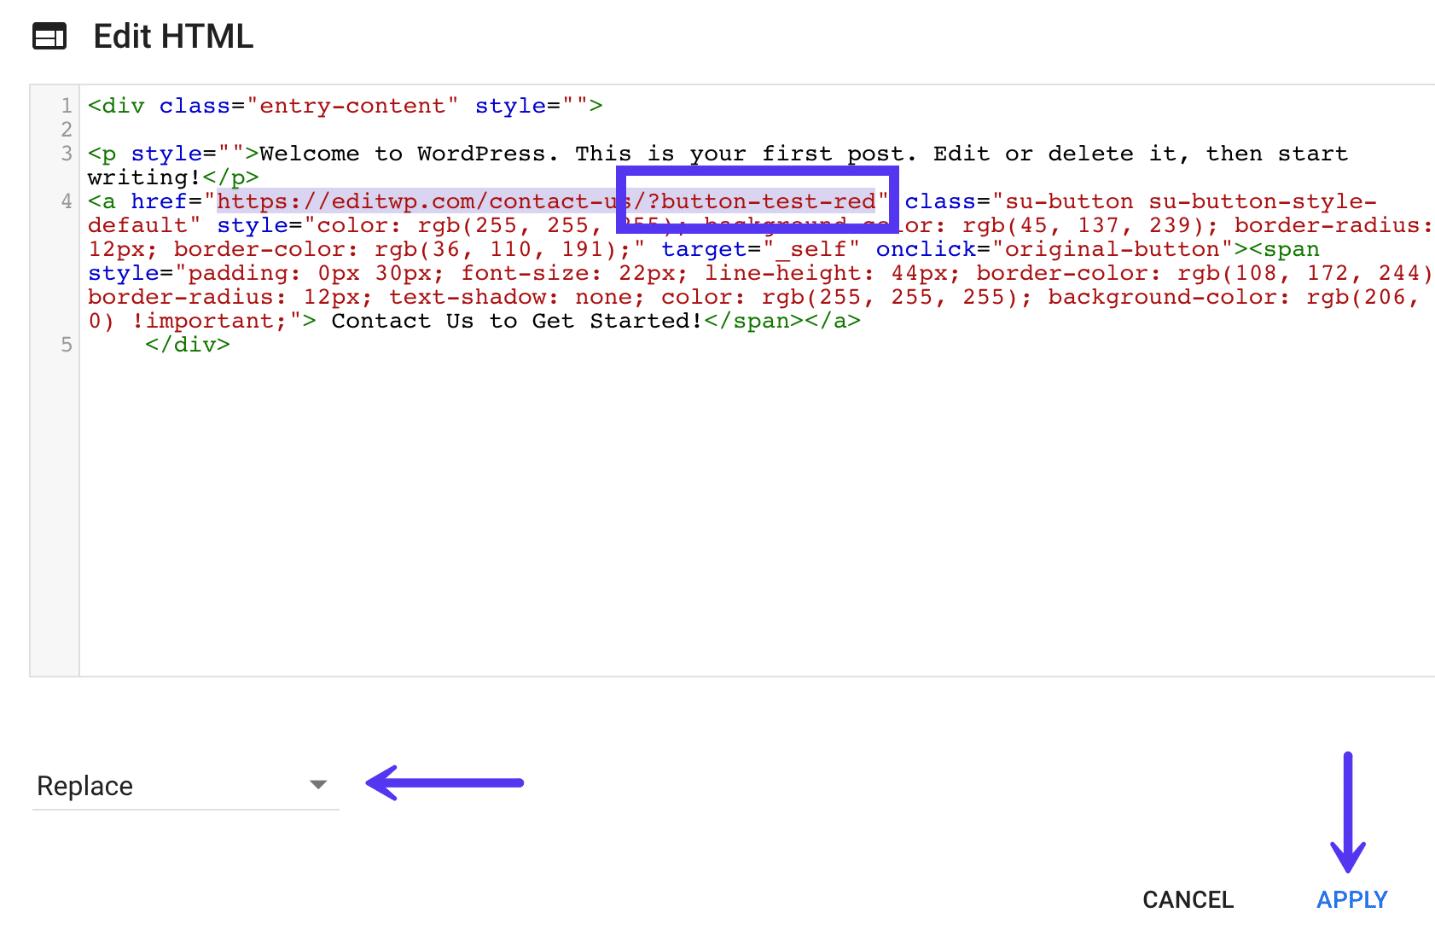 Change button URL